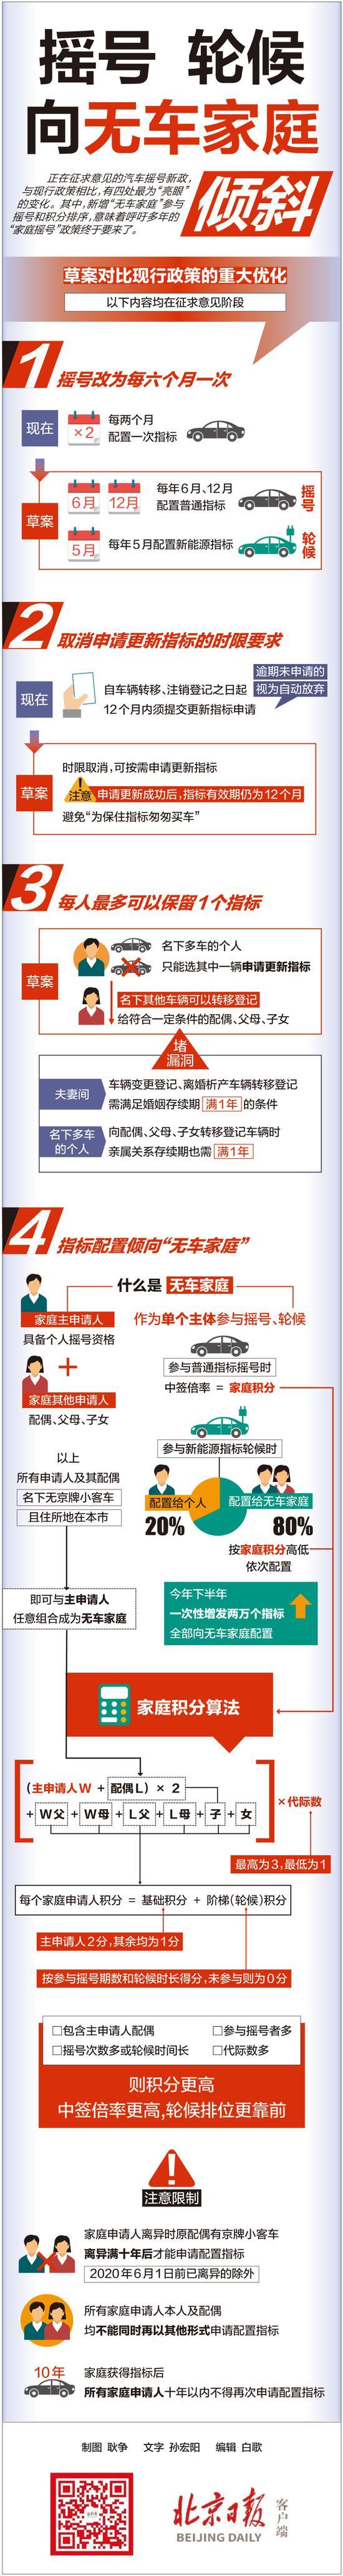 北京汽车摇号新政这四大变化最亮眼(图)图片